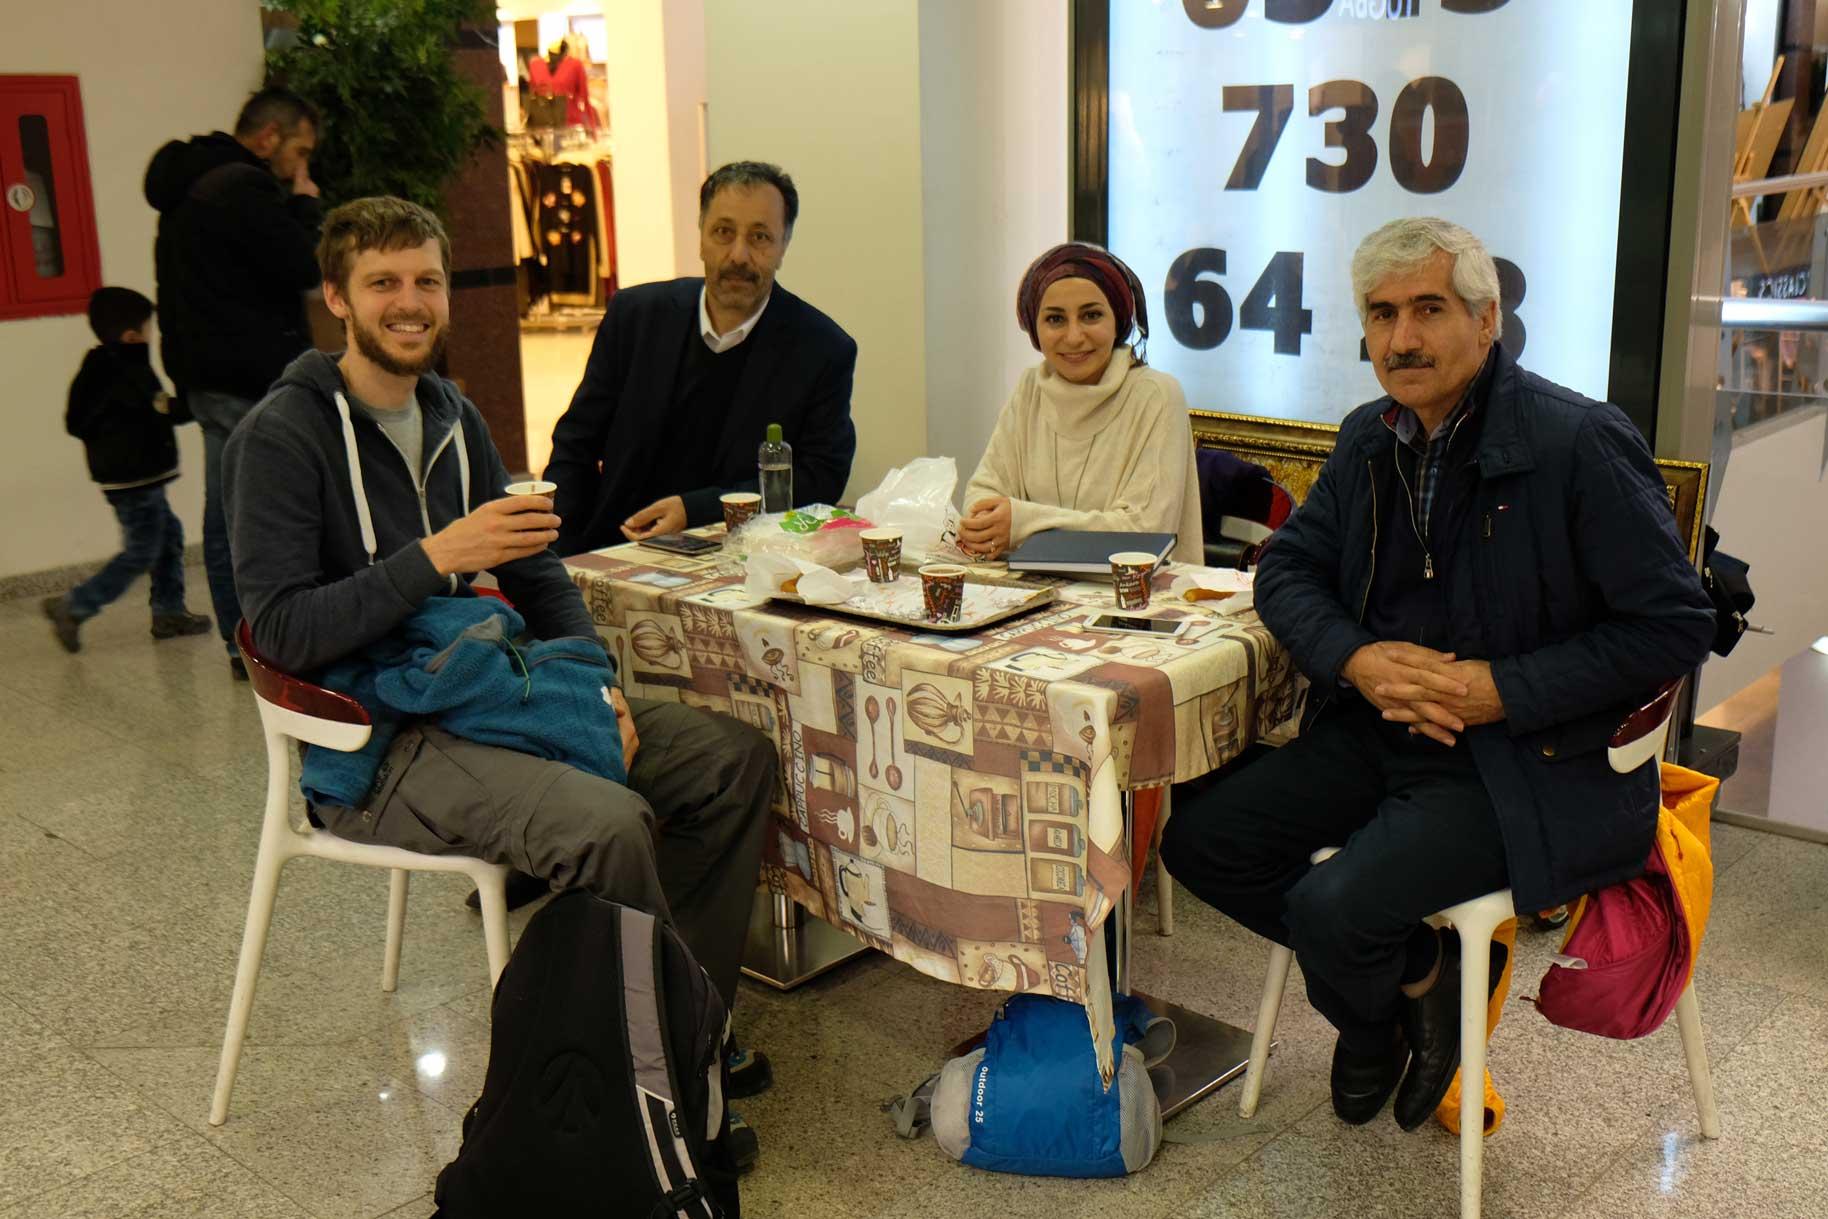 Sebastian und Fesih sitzen mit einem Mann und einer Frau am Tisch und trinken Kaffee